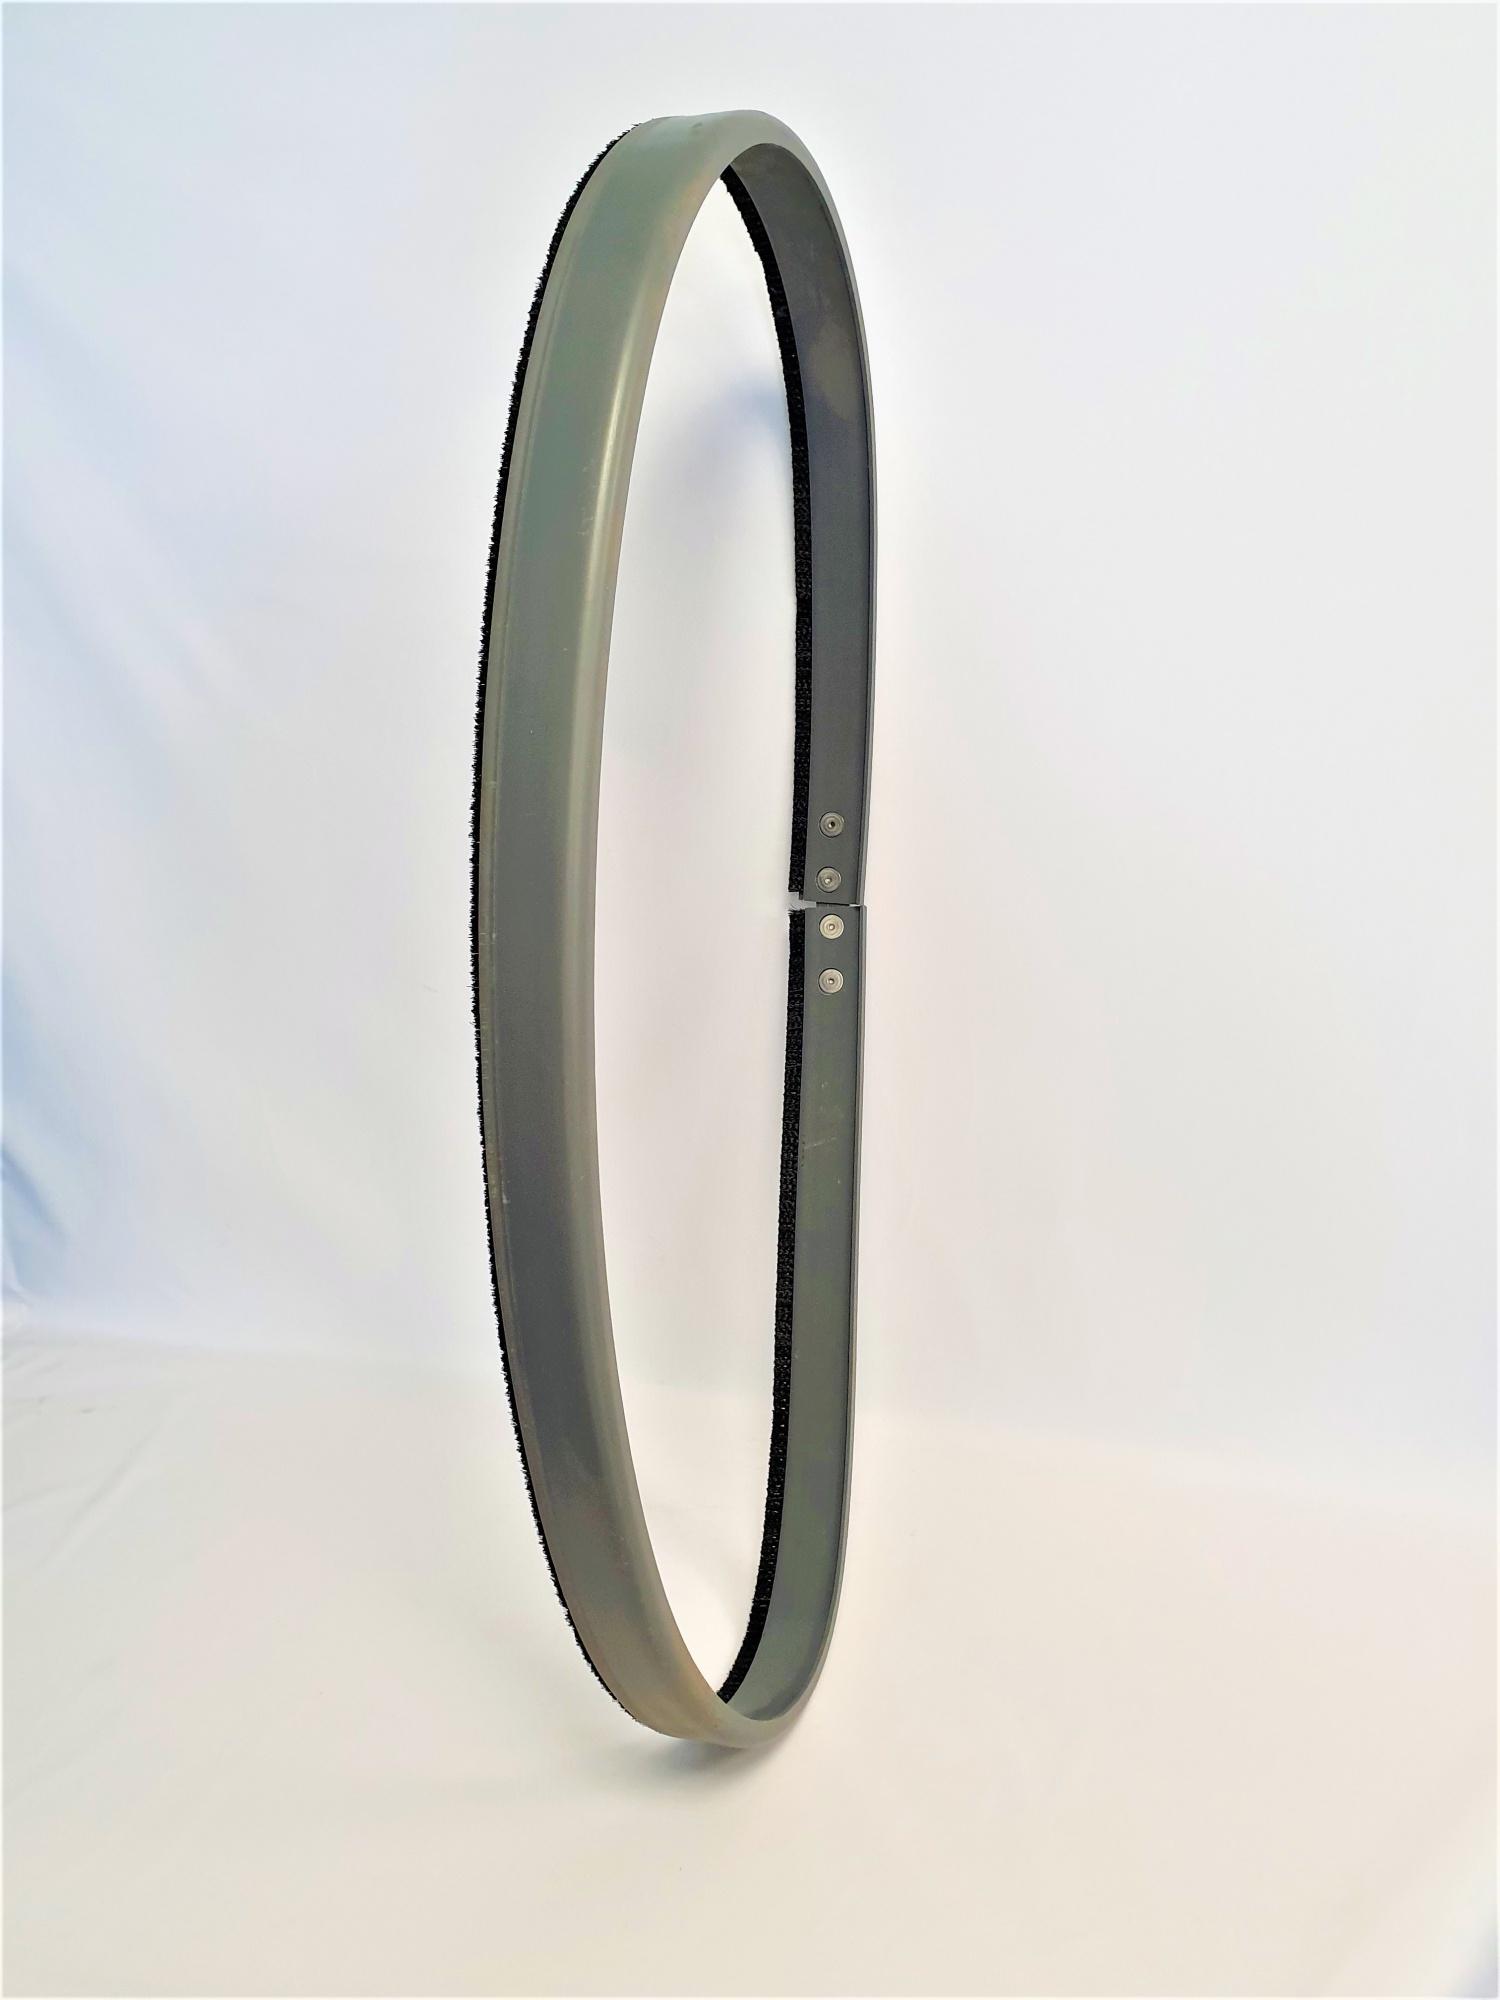 Ceinture de brosse pour Autolaveuse TENNANT T5 / 80